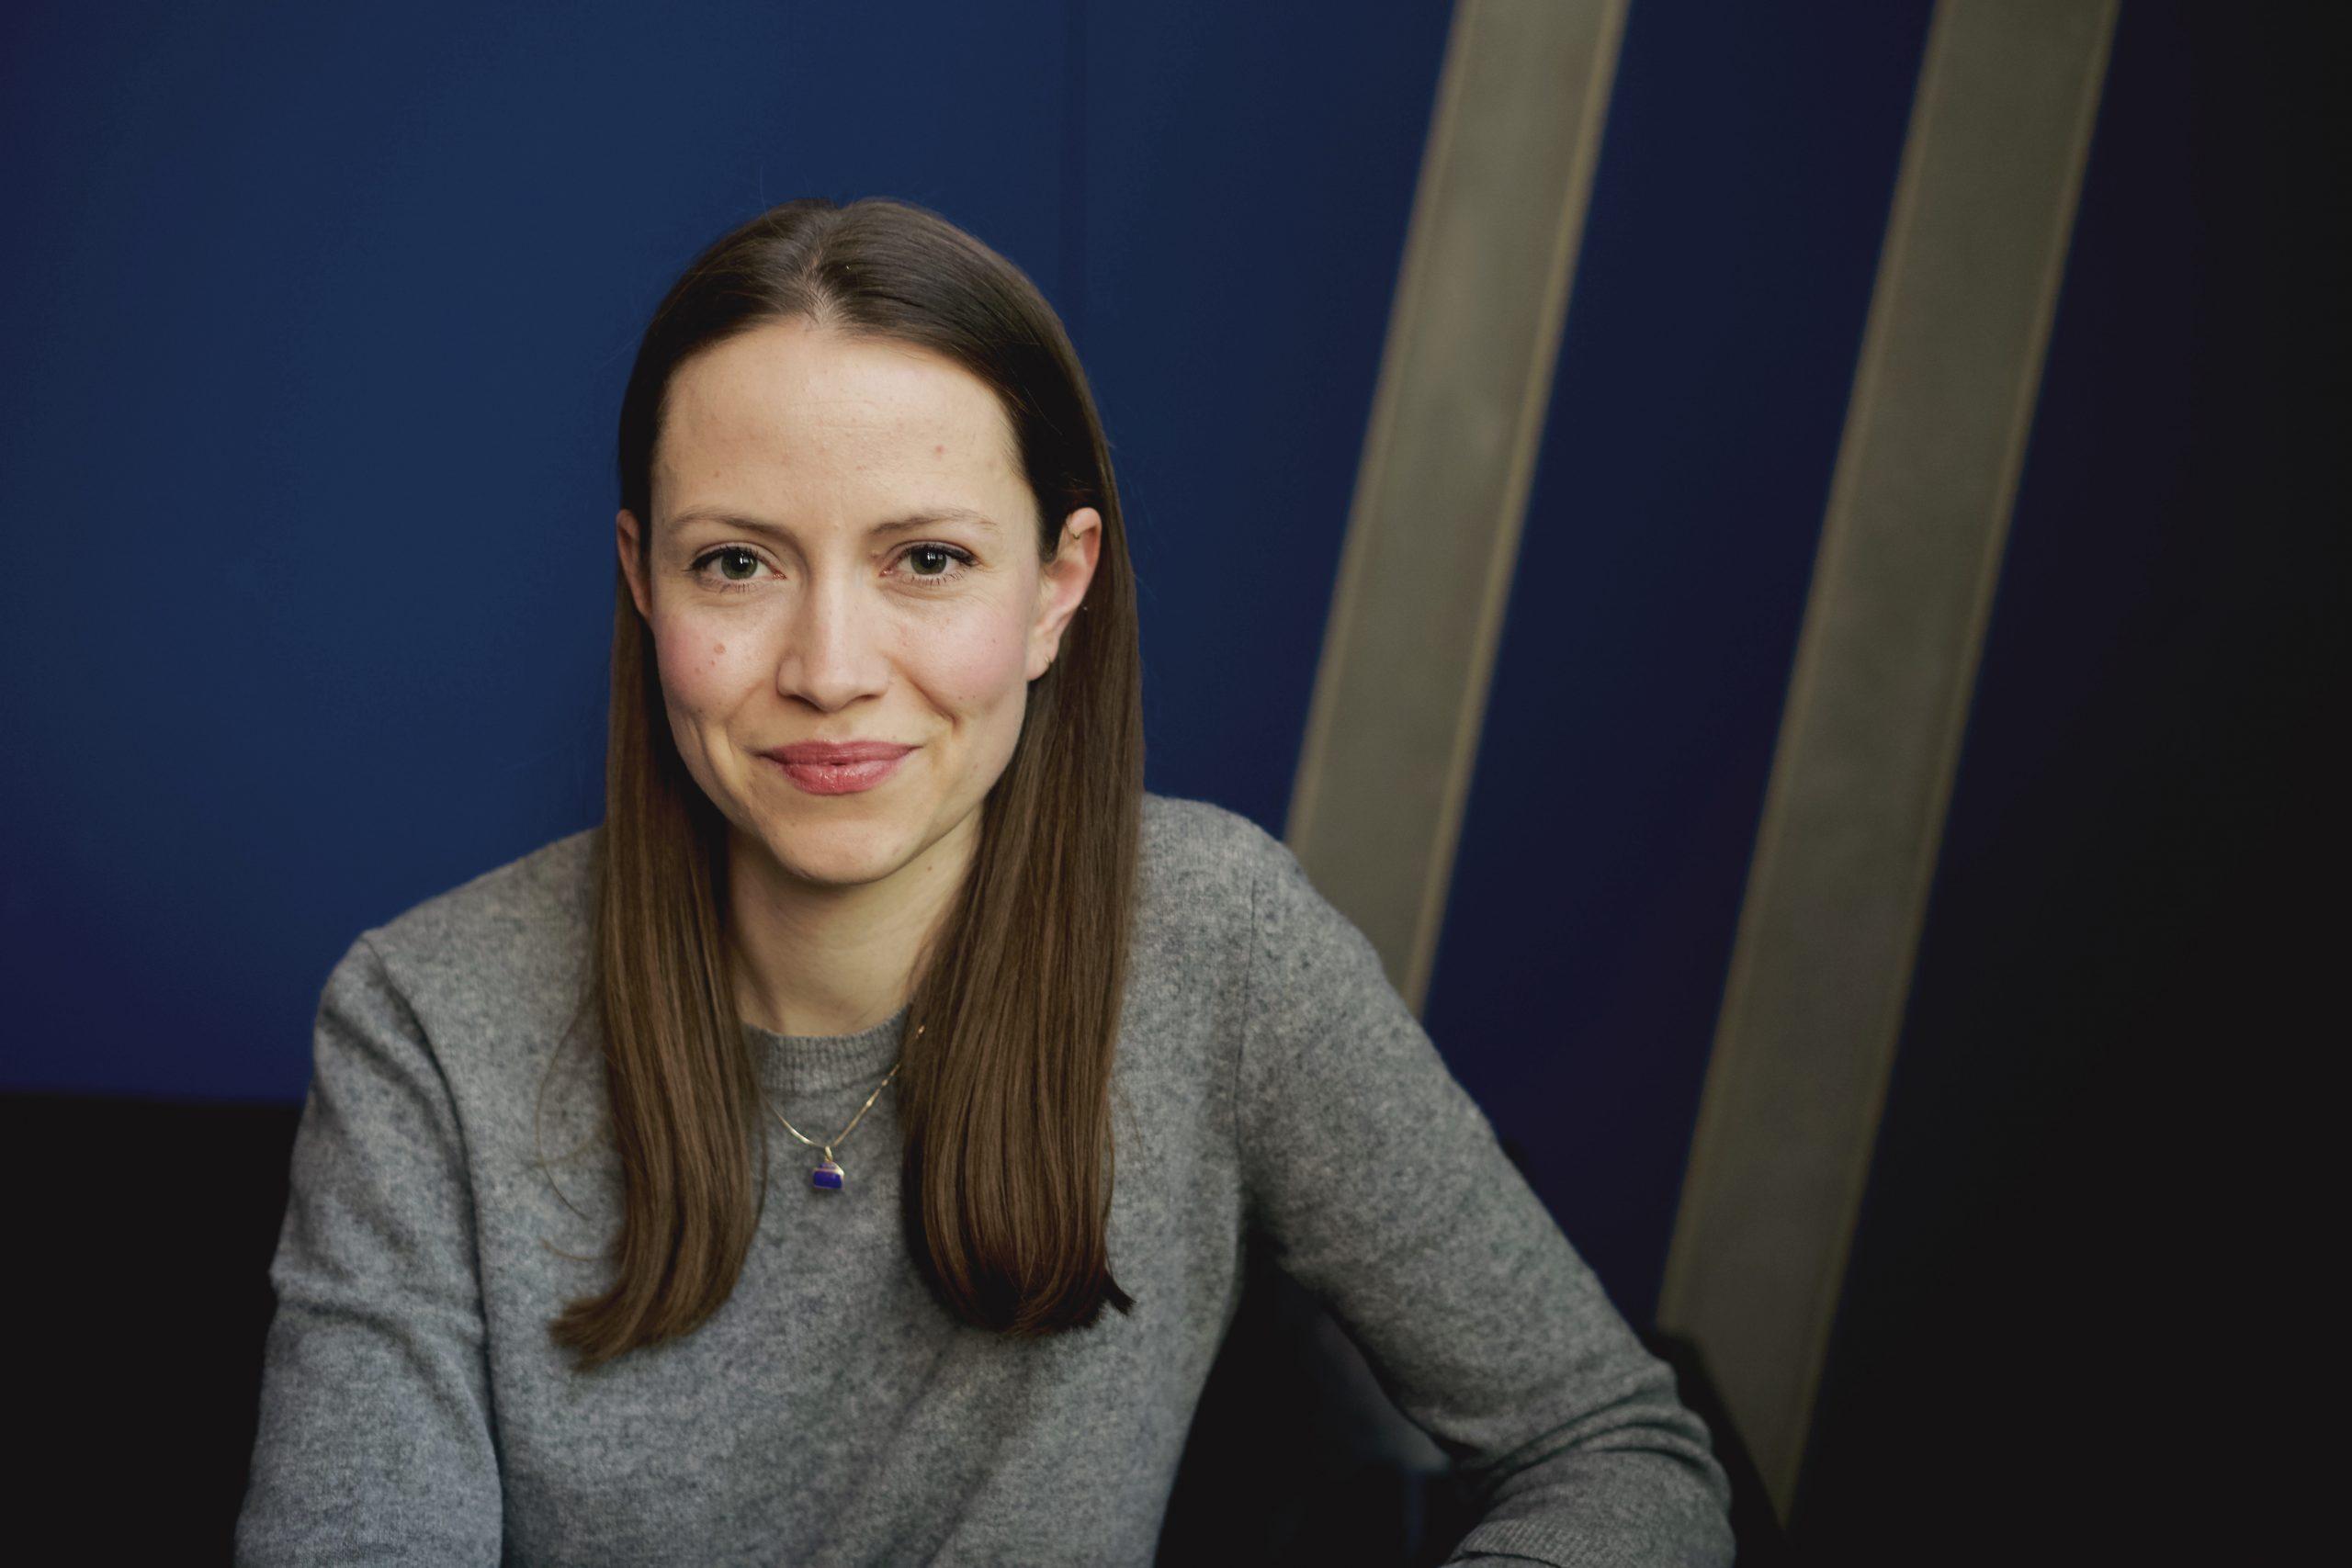 Lia Grünhage